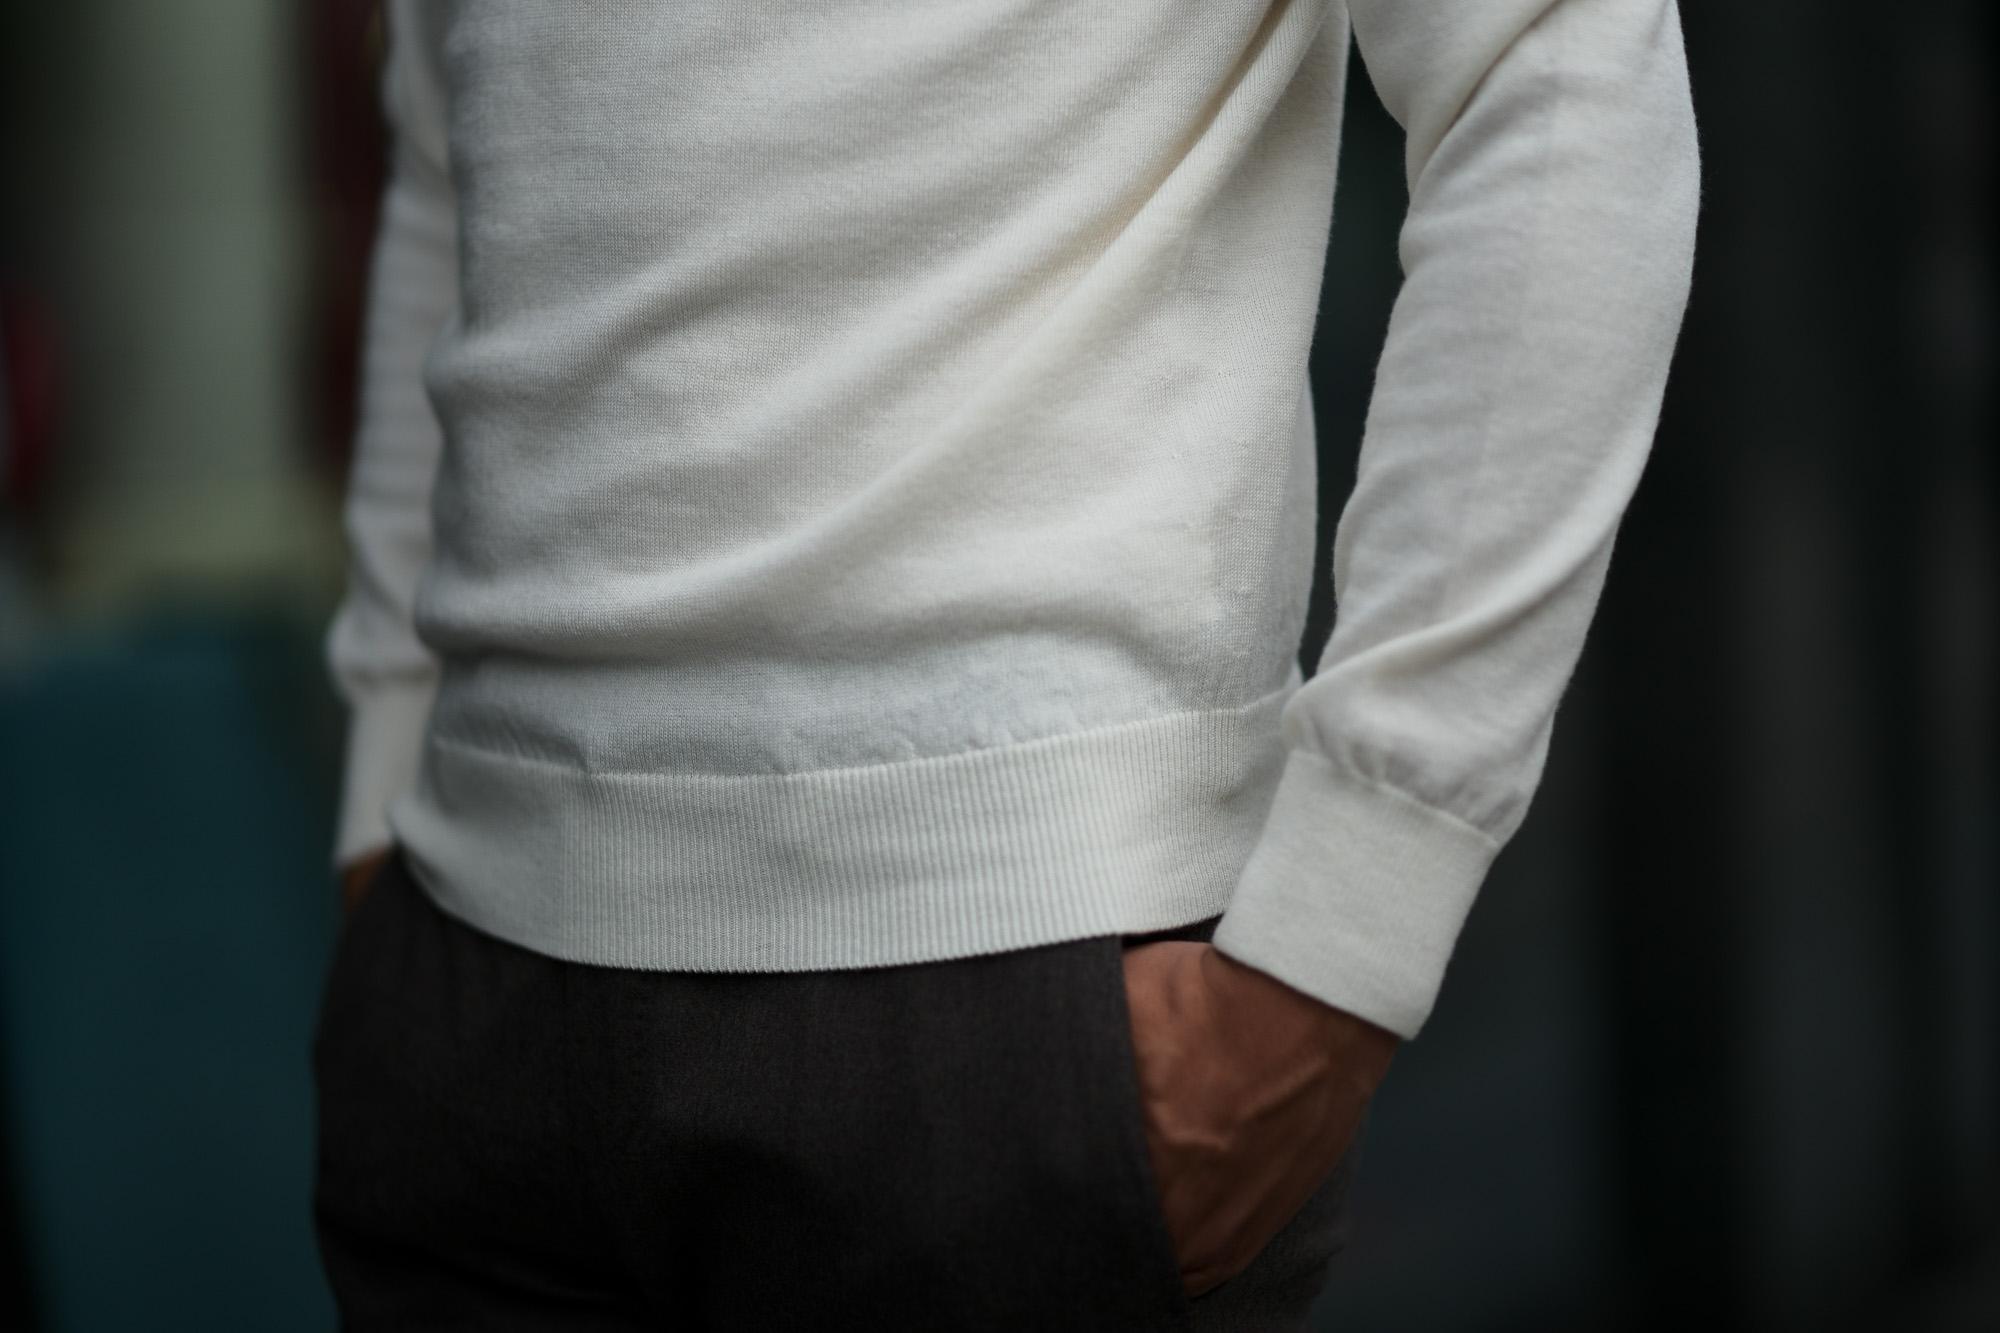 Cuervo (クエルボ) Sartoria Collection (サルトリア コレクション) John(ジョン) Turtle Neck Sweater (タートルネックセーター) ウールニット セーター WHITE (ホワイト) MADE IN JAPAN (日本製) 2019 秋冬 【ご予約受付中】愛知 名古屋 altoediritto アルトエデリット